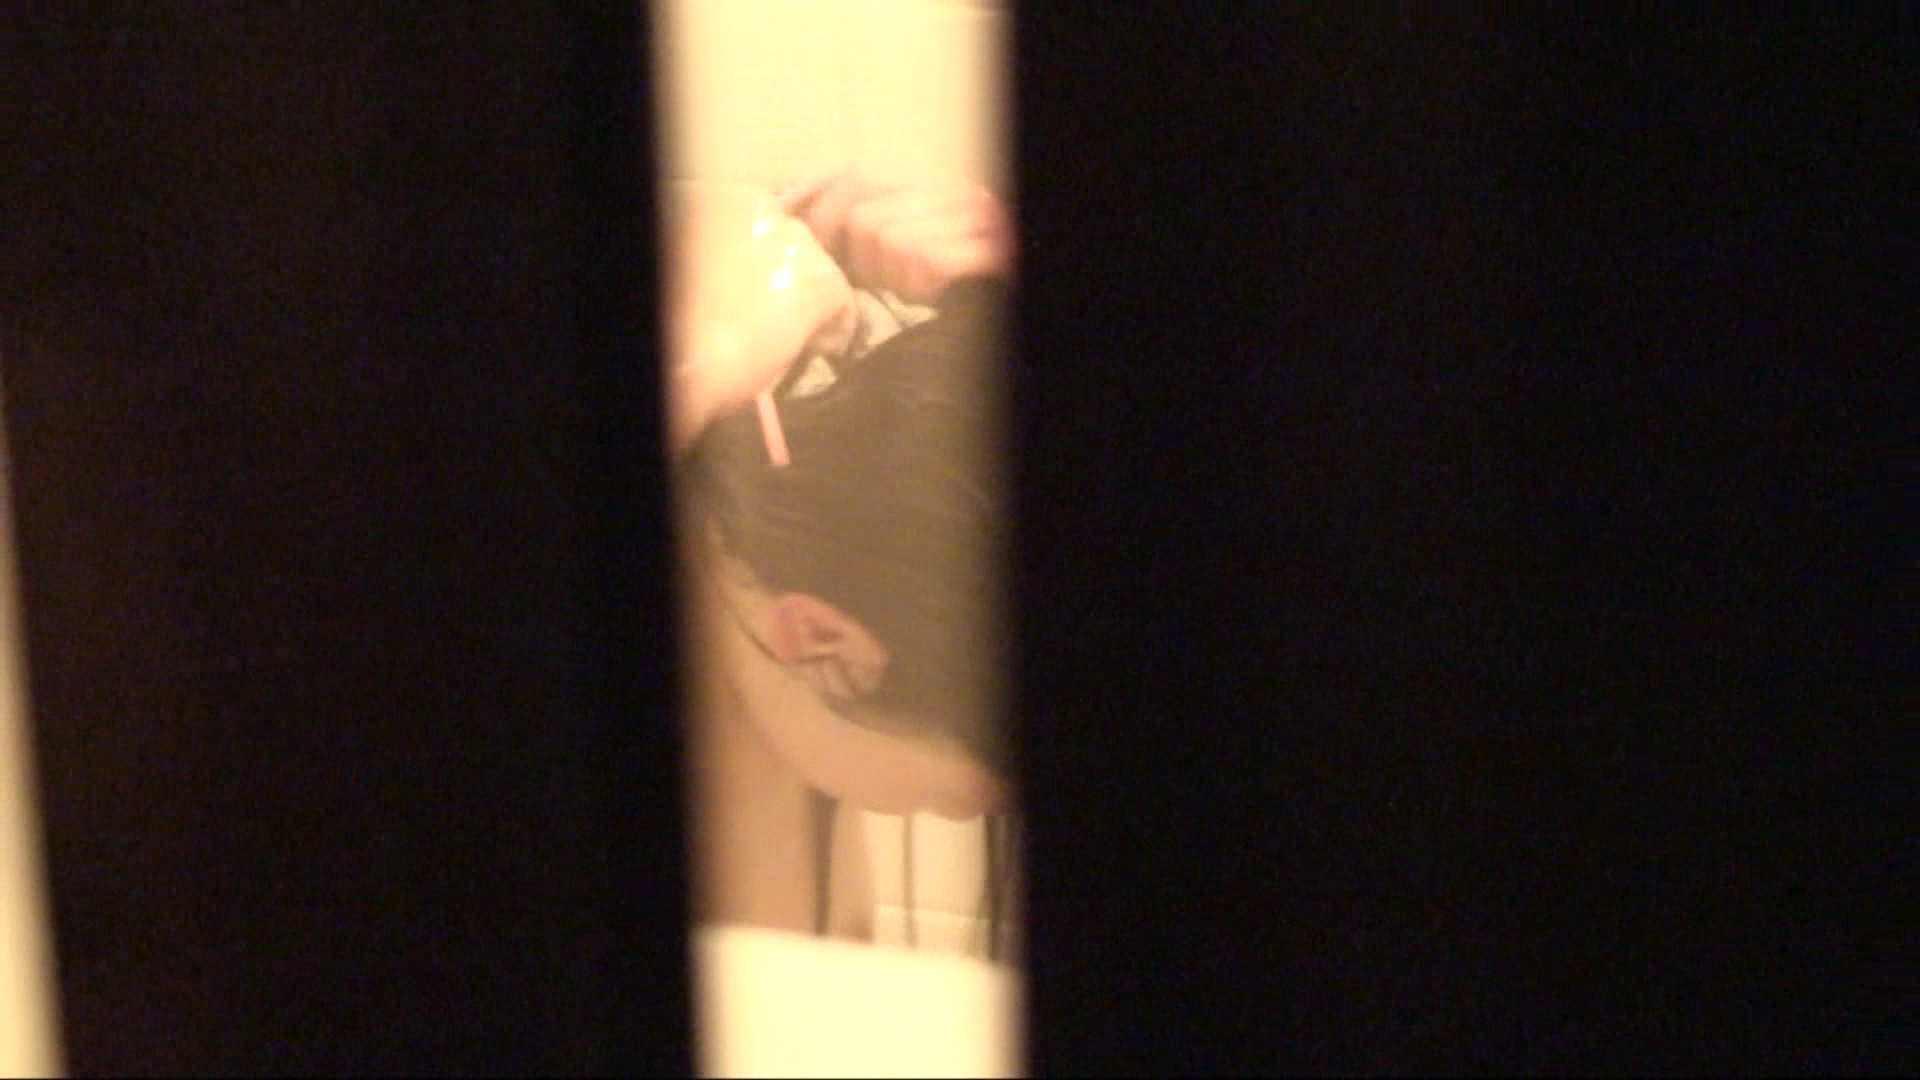 vol.02超可愛すぎる彼女の裸体をハイビジョンで!至近距離での眺め最高! 裸体 おめこ無修正動画無料 94連発 46